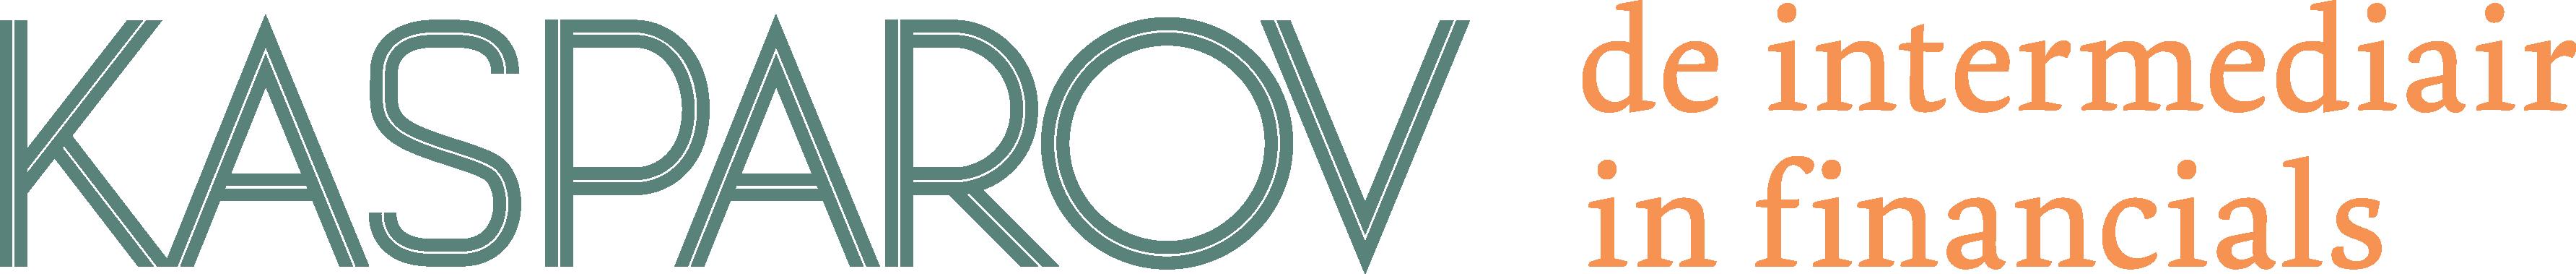 Kasparov logo